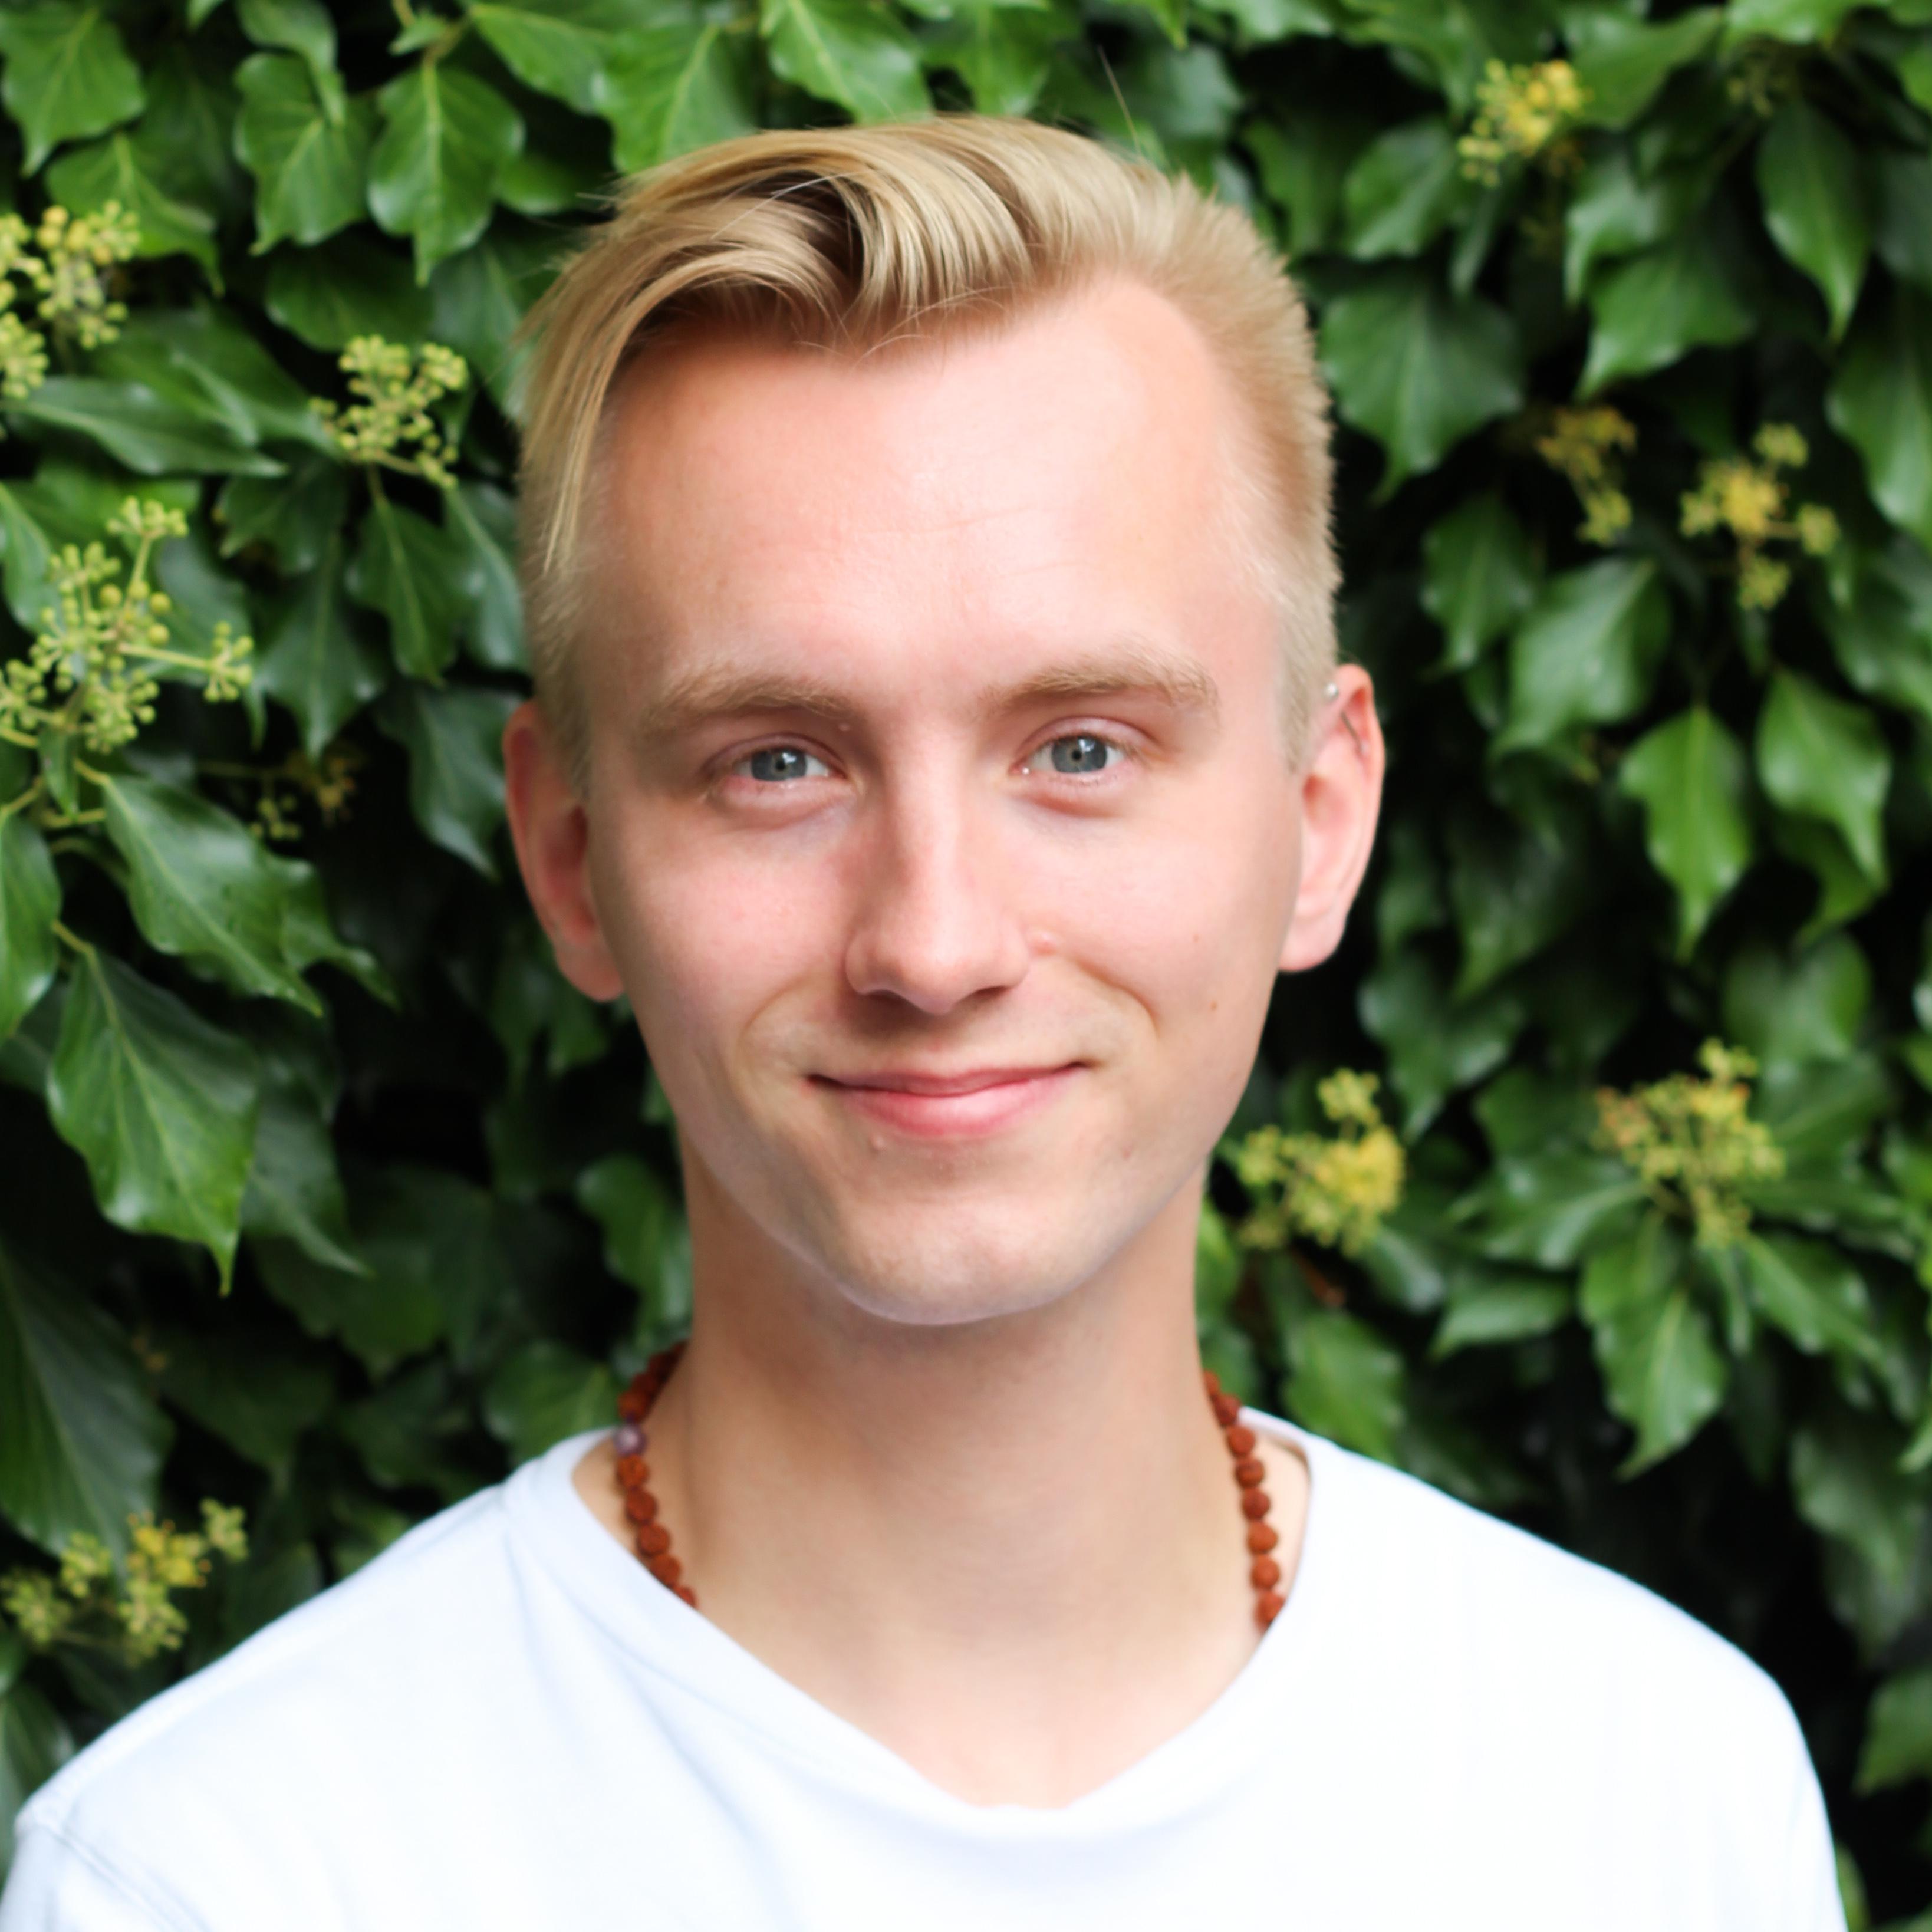 Søren Fuhr